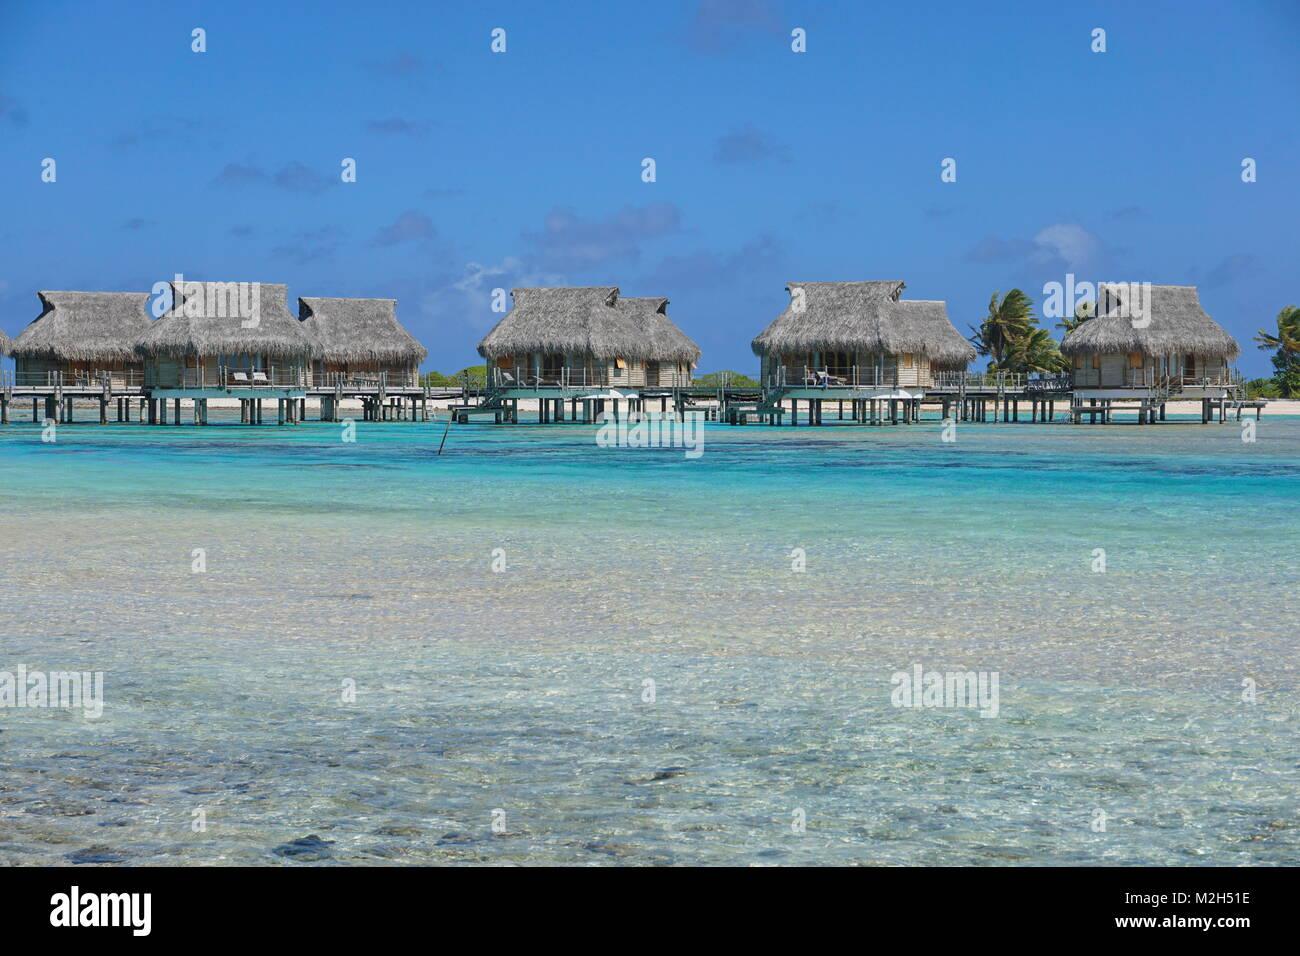 Resort tropicale con bungalow Overwater in laguna, Tikehau Atoll, Tuamotus, Polinesia francese, oceano pacifico, Immagini Stock